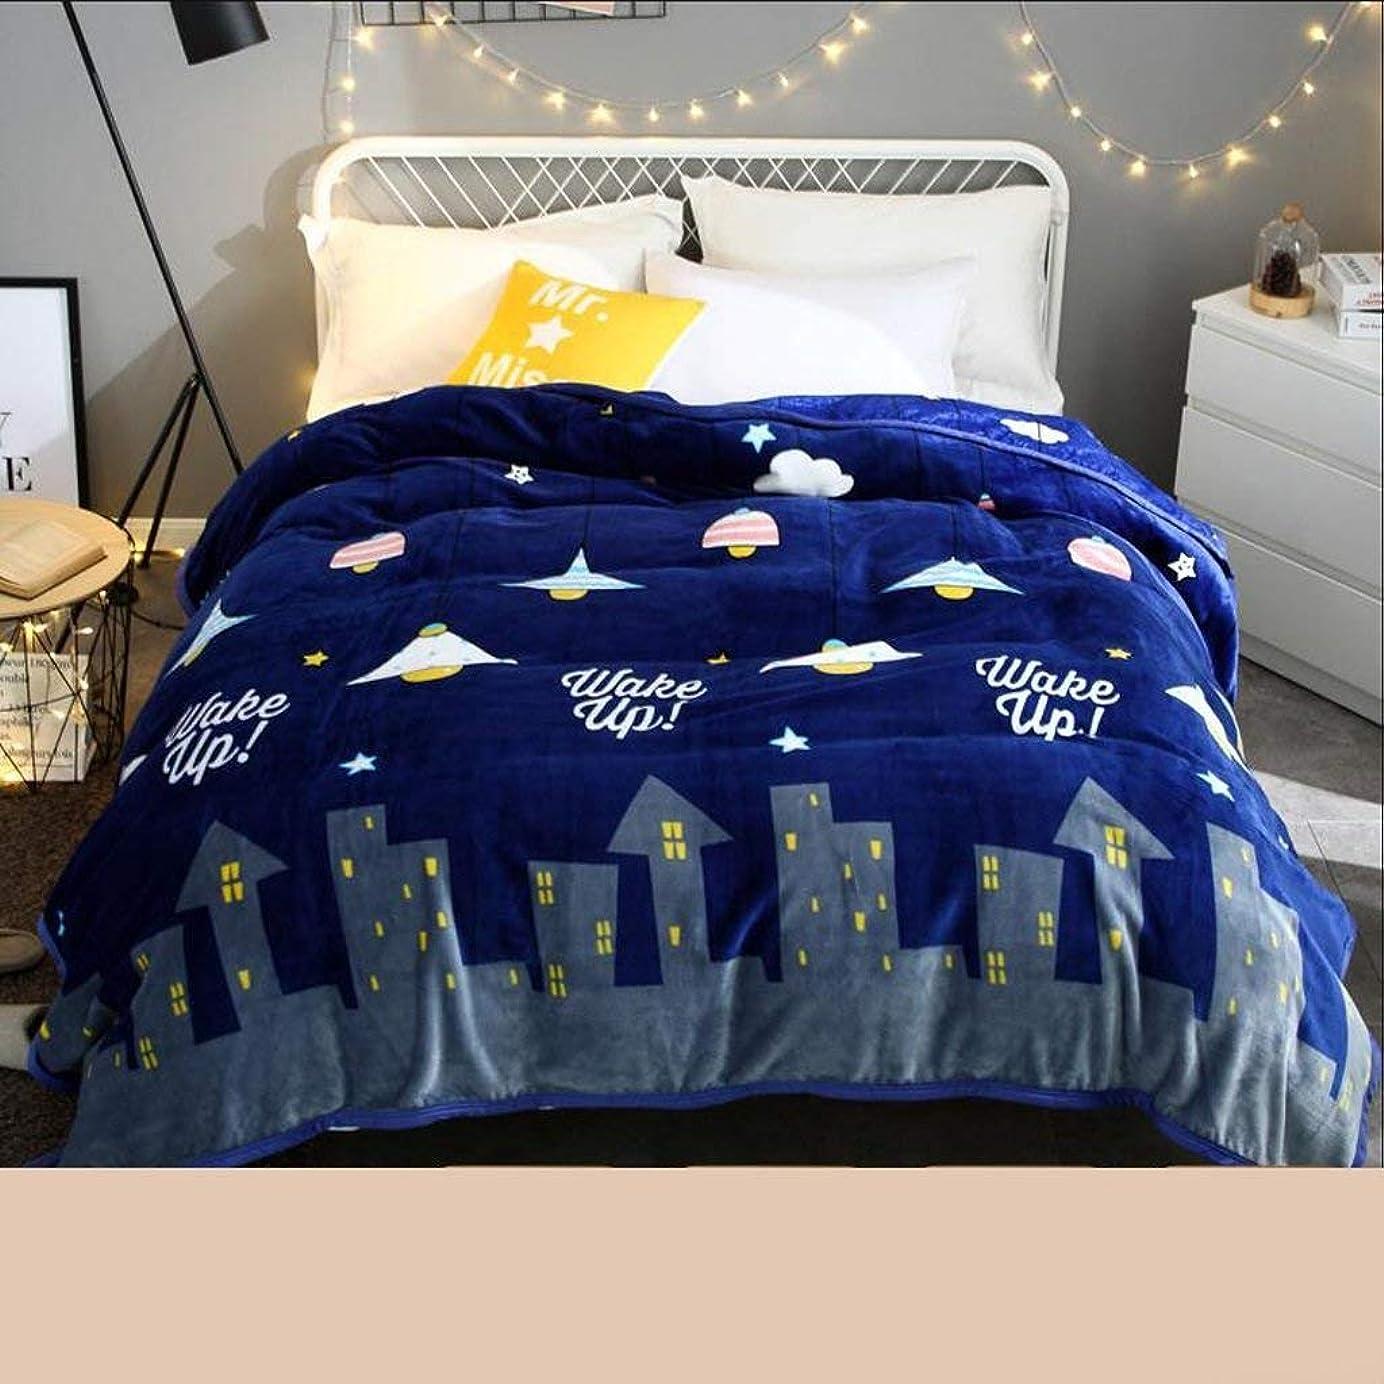 復活させるフリル記者ネイビーブルーナイトパターン冬寮生毛布フランネル厚さキルトサーマルシート(サイズ:200 * 230 cm)